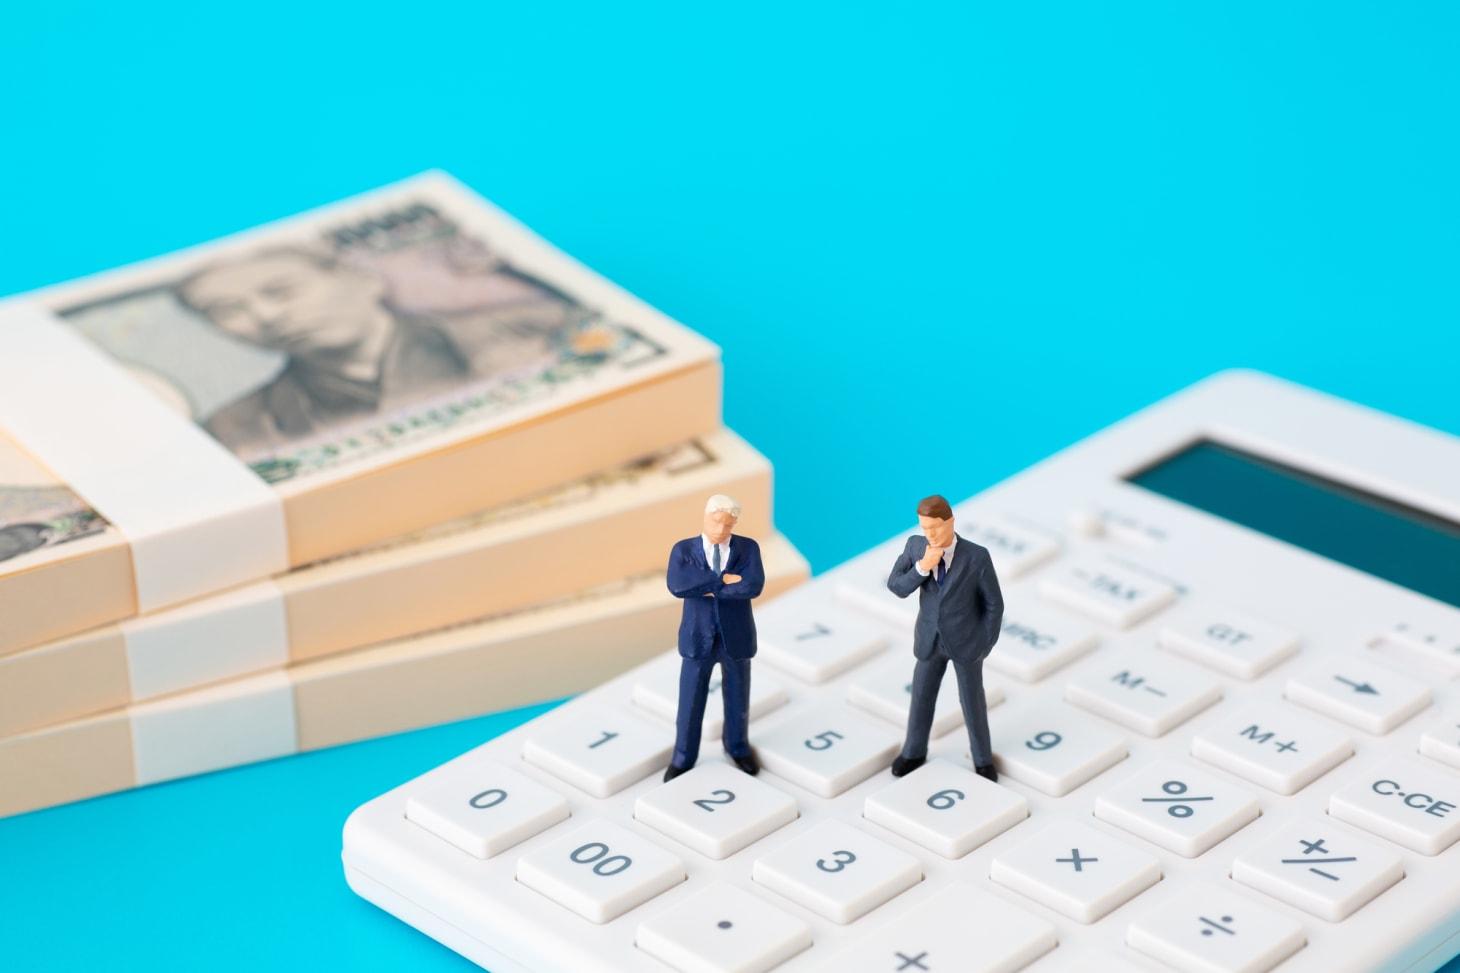 【令和2年度版】介護人材の助成金の種類と手続き方法を徹底解説